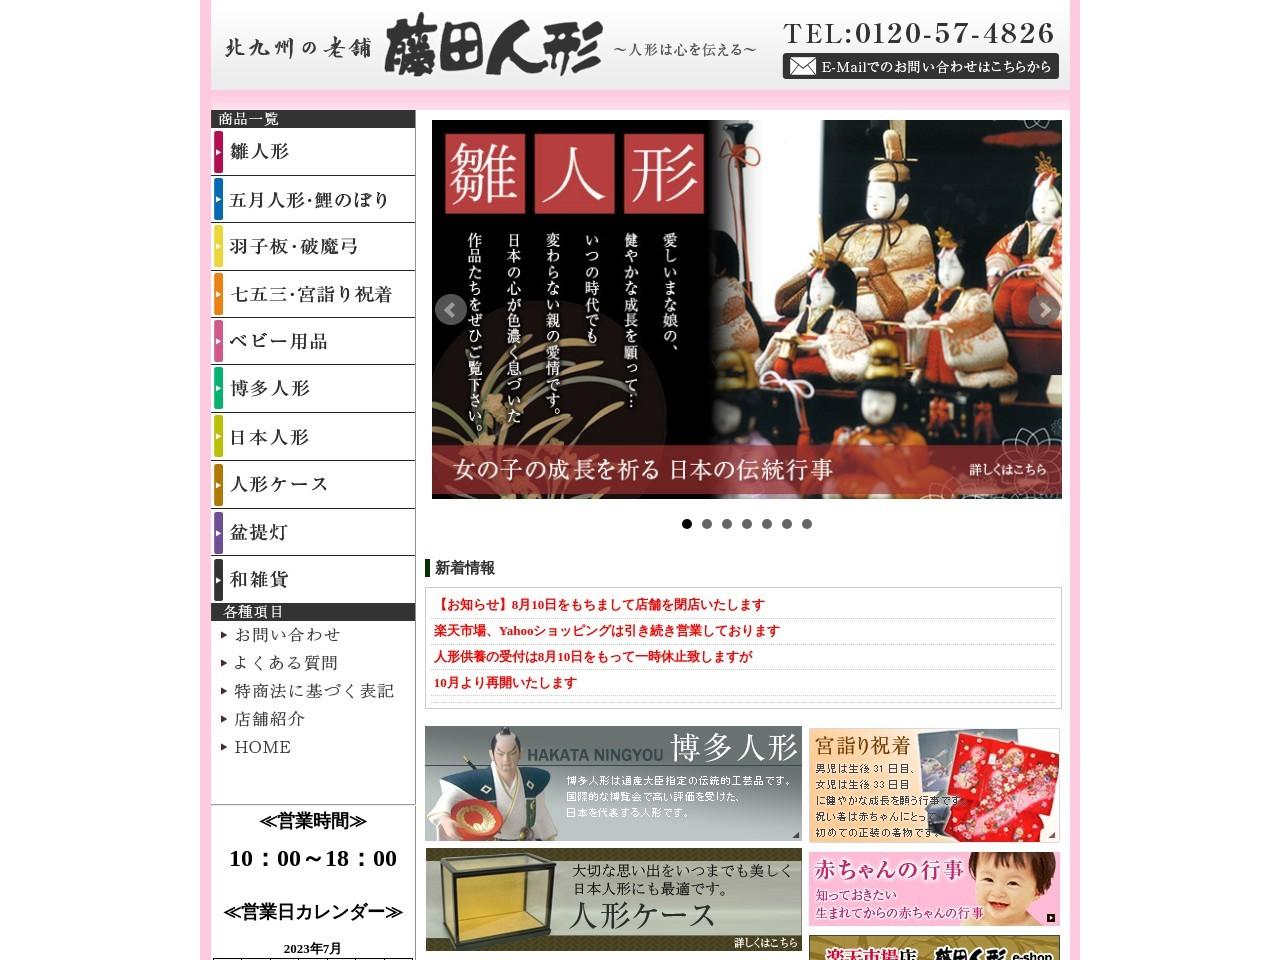 北九州の人形専門店 藤田人形 破魔弓 羽子板 展示販売中